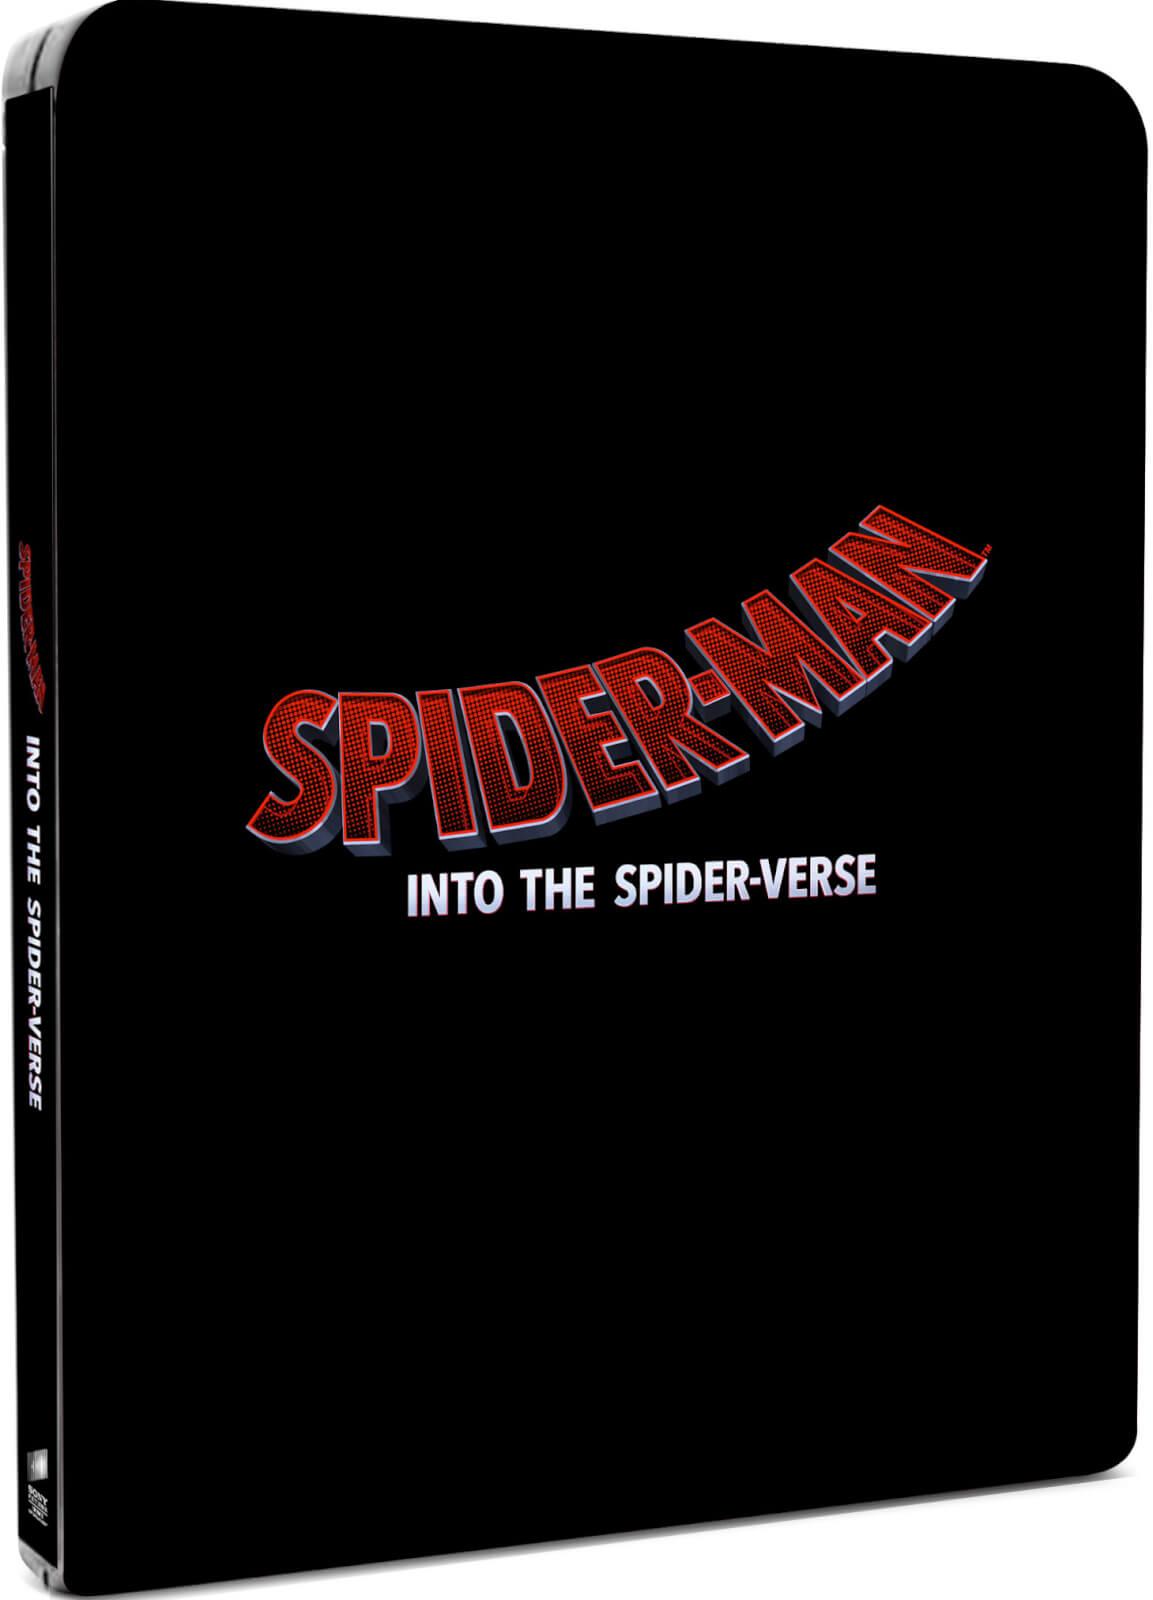 Spider-Man: Into the Spider-Verse SteelBook temp art